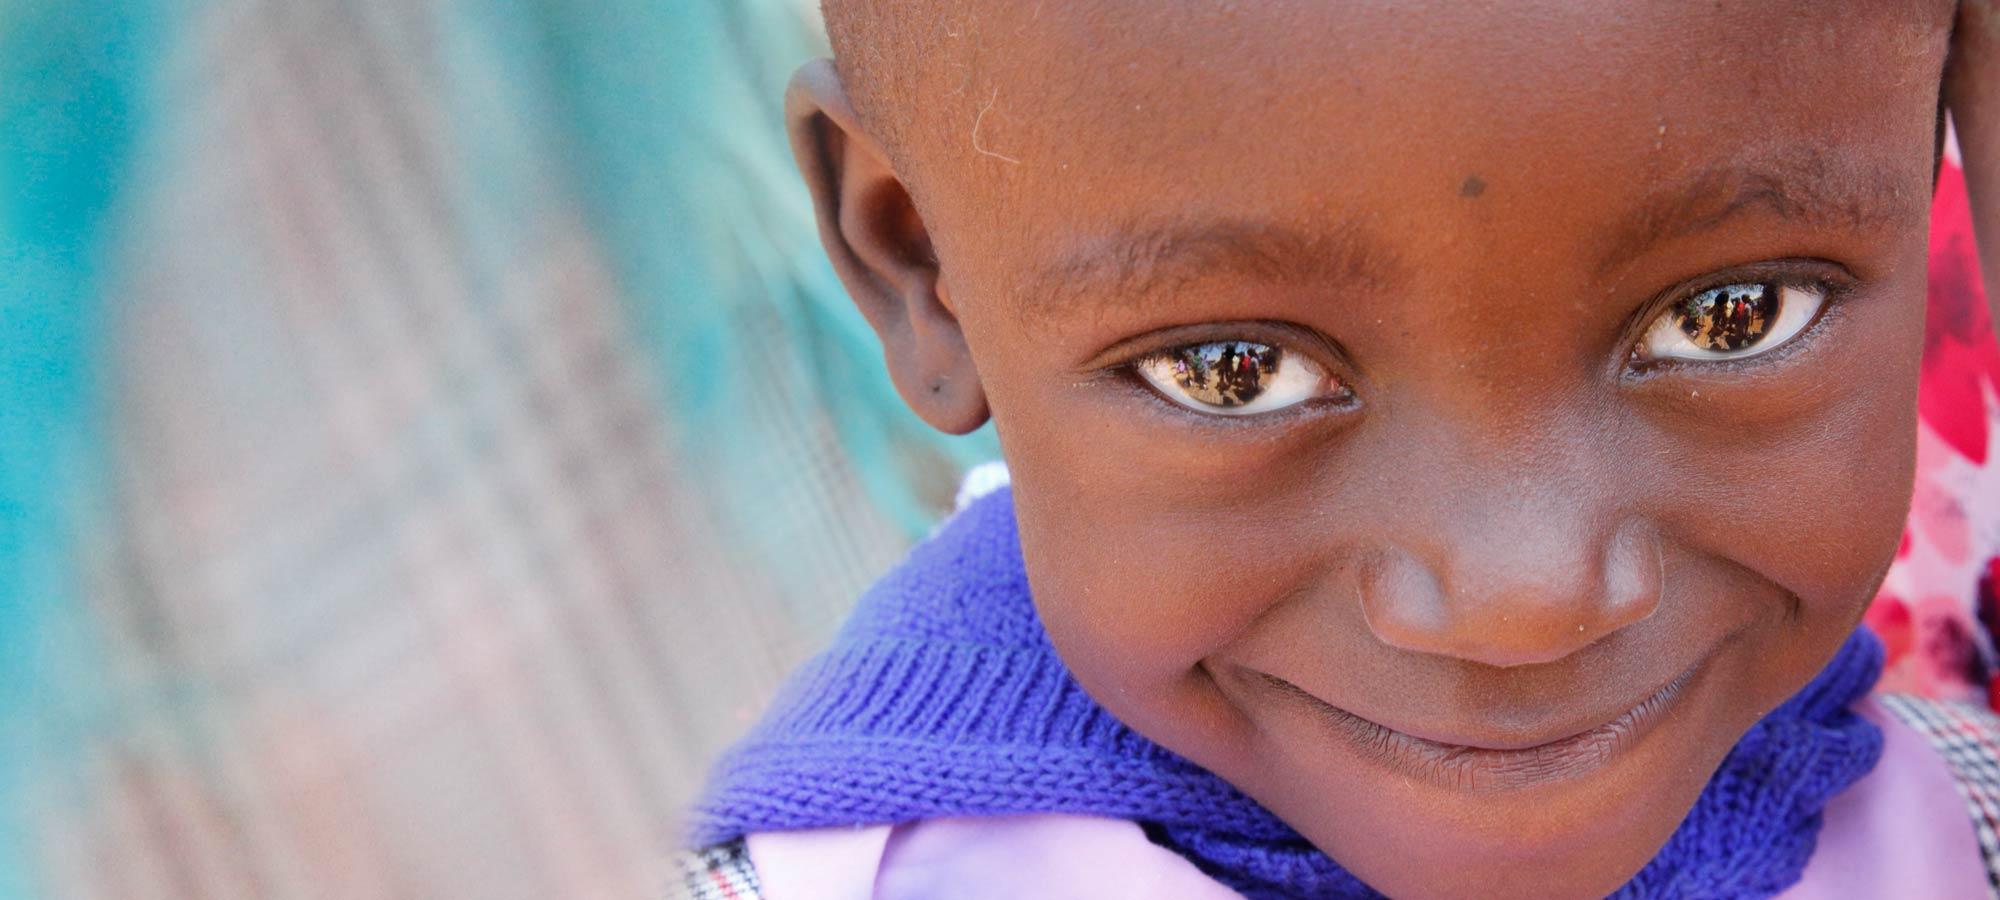 smiling-child-female-slider